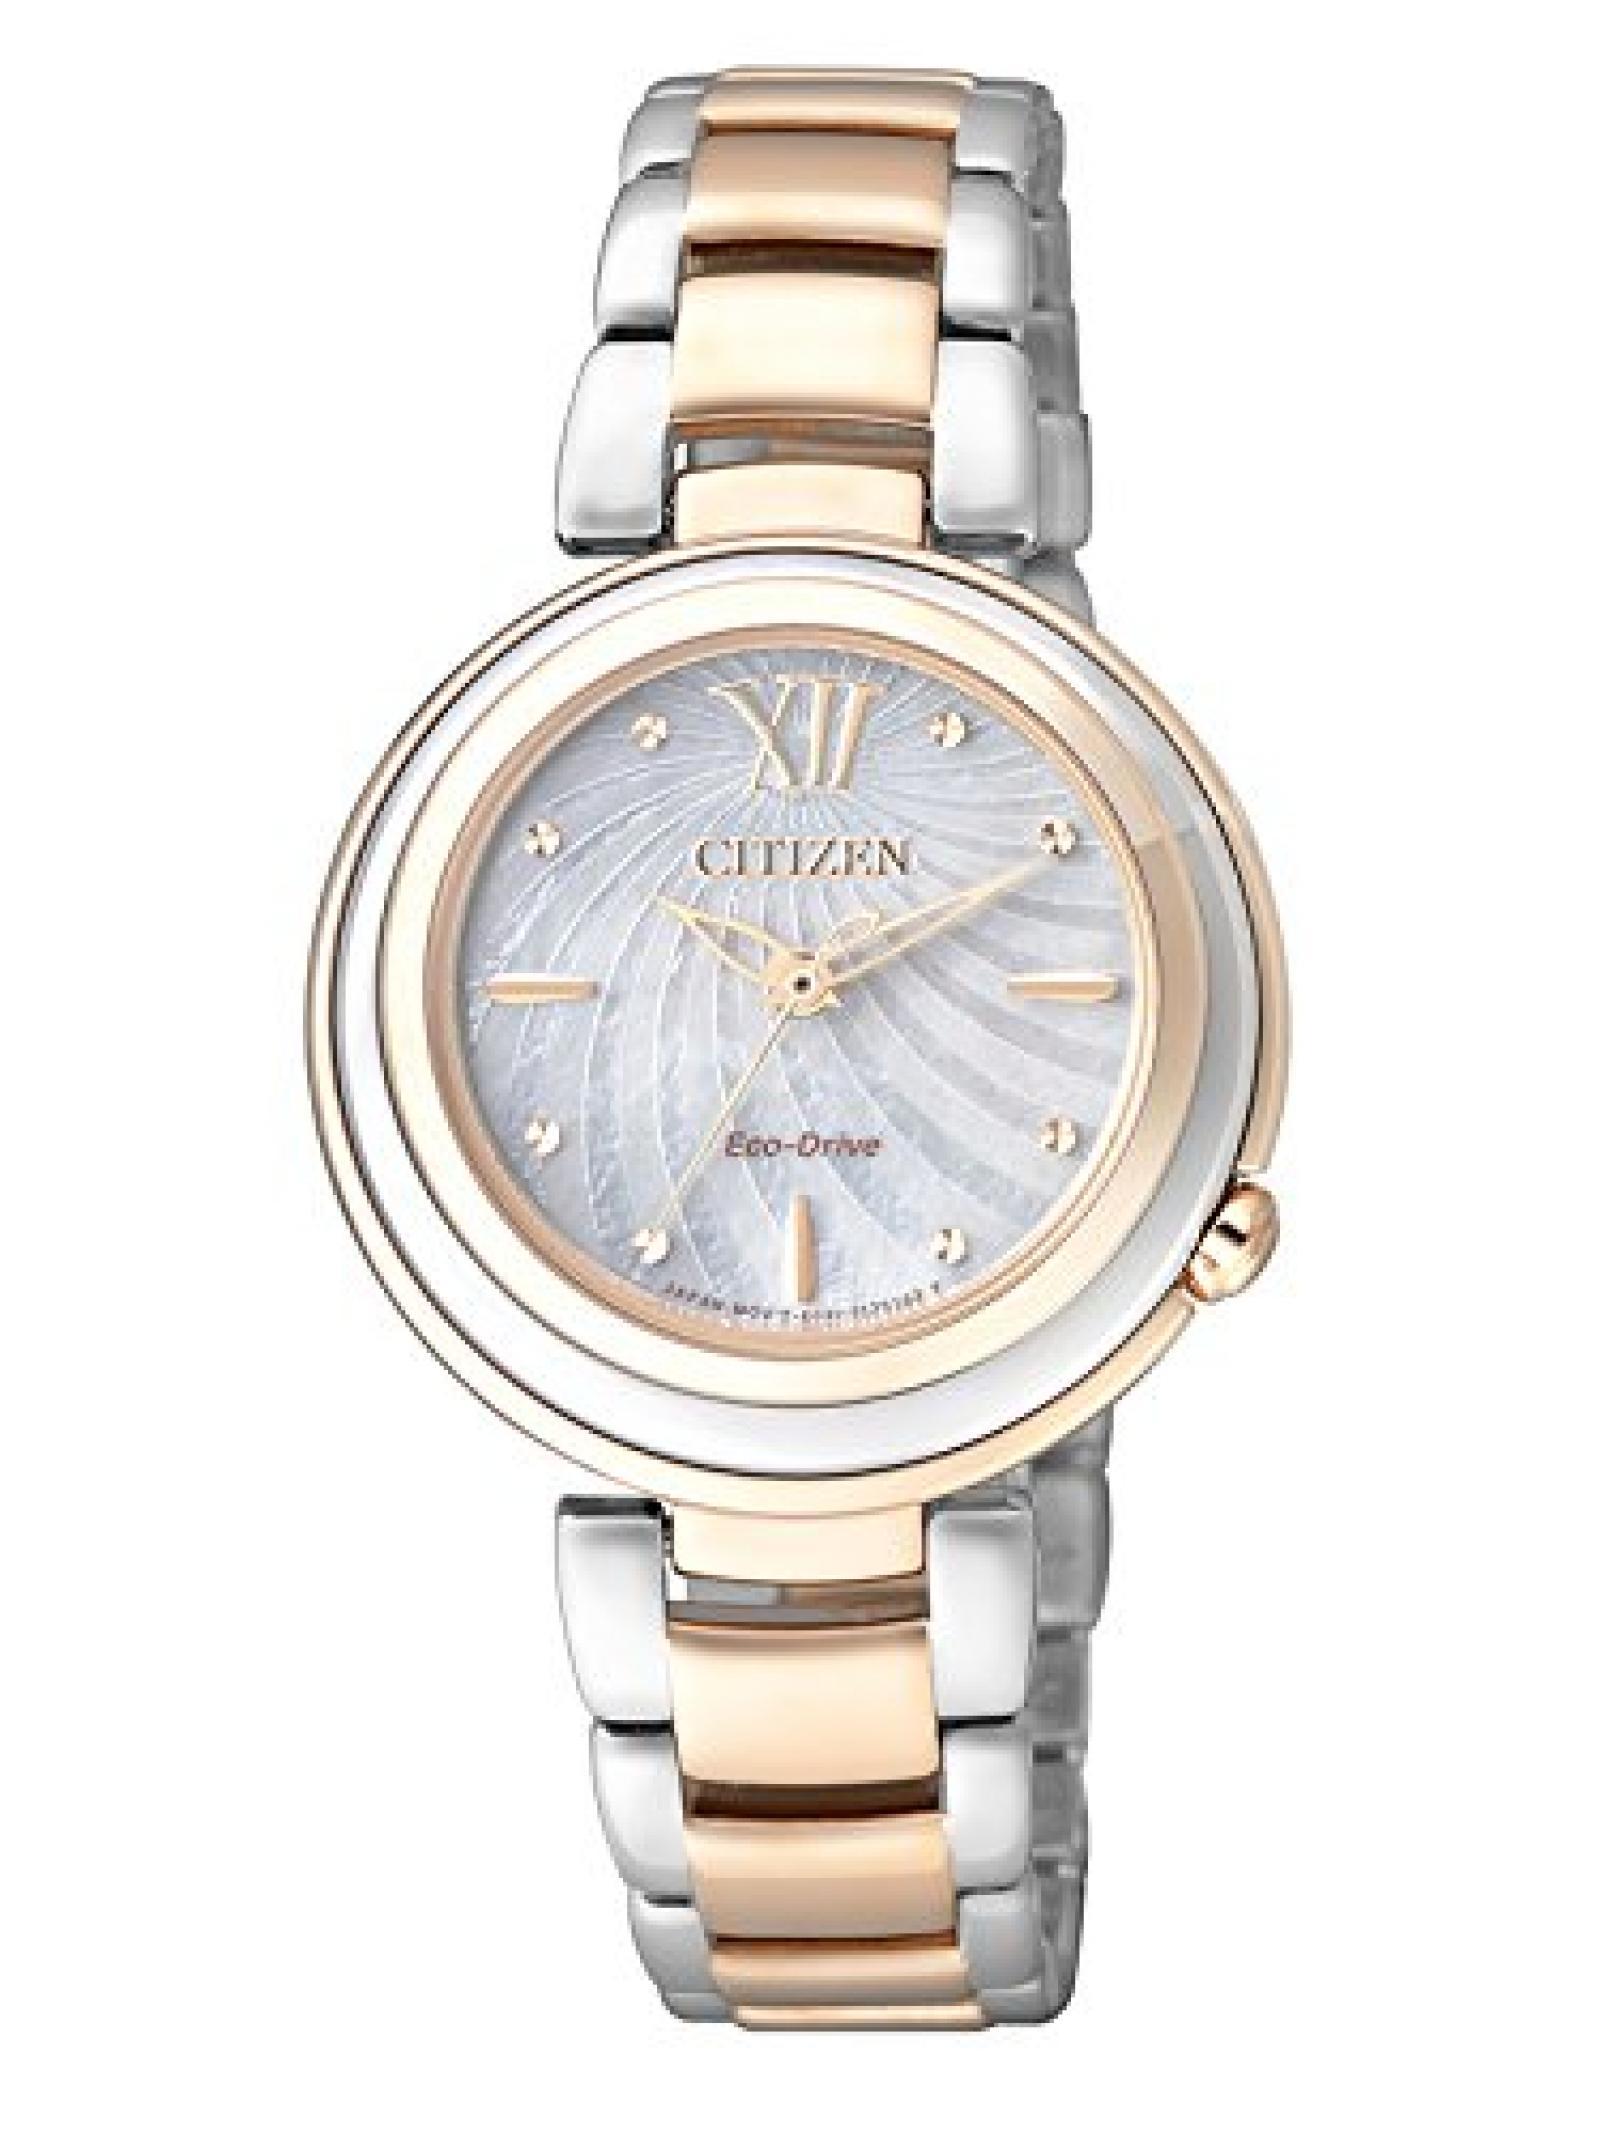 Citizen Damen-Armbanduhr XS Citizen L Analog Quarz Edelstahl EM0335-51D